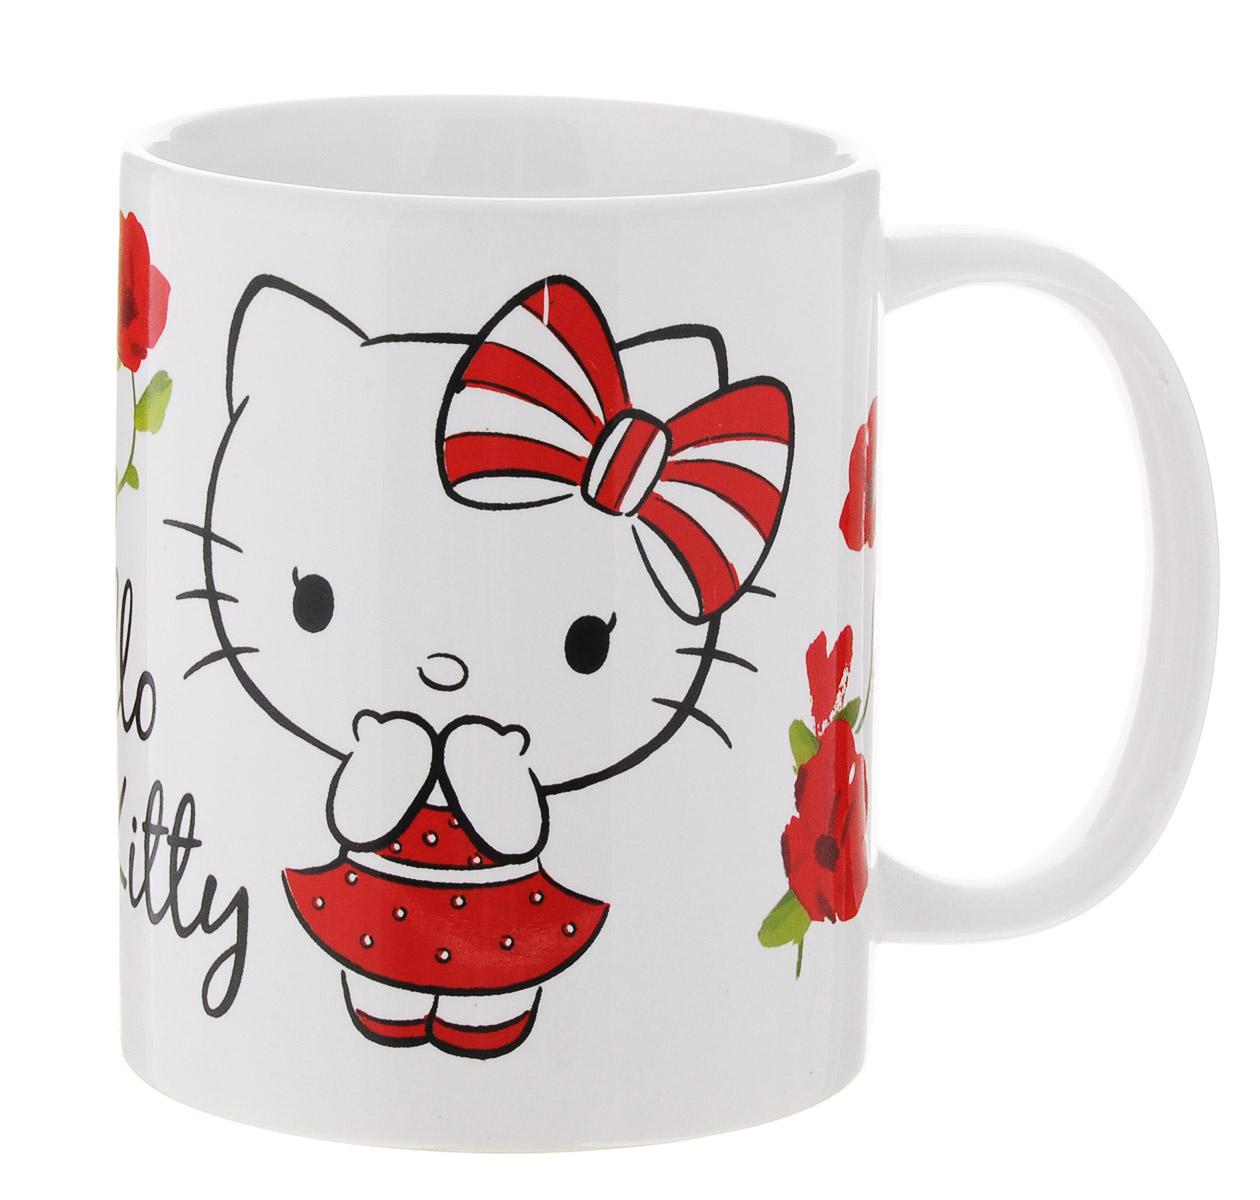 Hello Kitty Кружка детская 330 мл46205Детская кружка Disney Hello Kitty с любимым героем станет отличным подарком для вашего ребенка. Она выполнена из керамики и оформлена изображением симпатичной кошечки Китти.Кружка дополнена удобной ручкой. Такой подарок станет не только приятным, но и практичным сувениром: кружка будет незаменимым атрибутом чаепития, а оригинальное оформление кружки добавит ярких эмоций и хорошего настроения.Можно использовать в СВЧ-печи и посудомоечной машине.